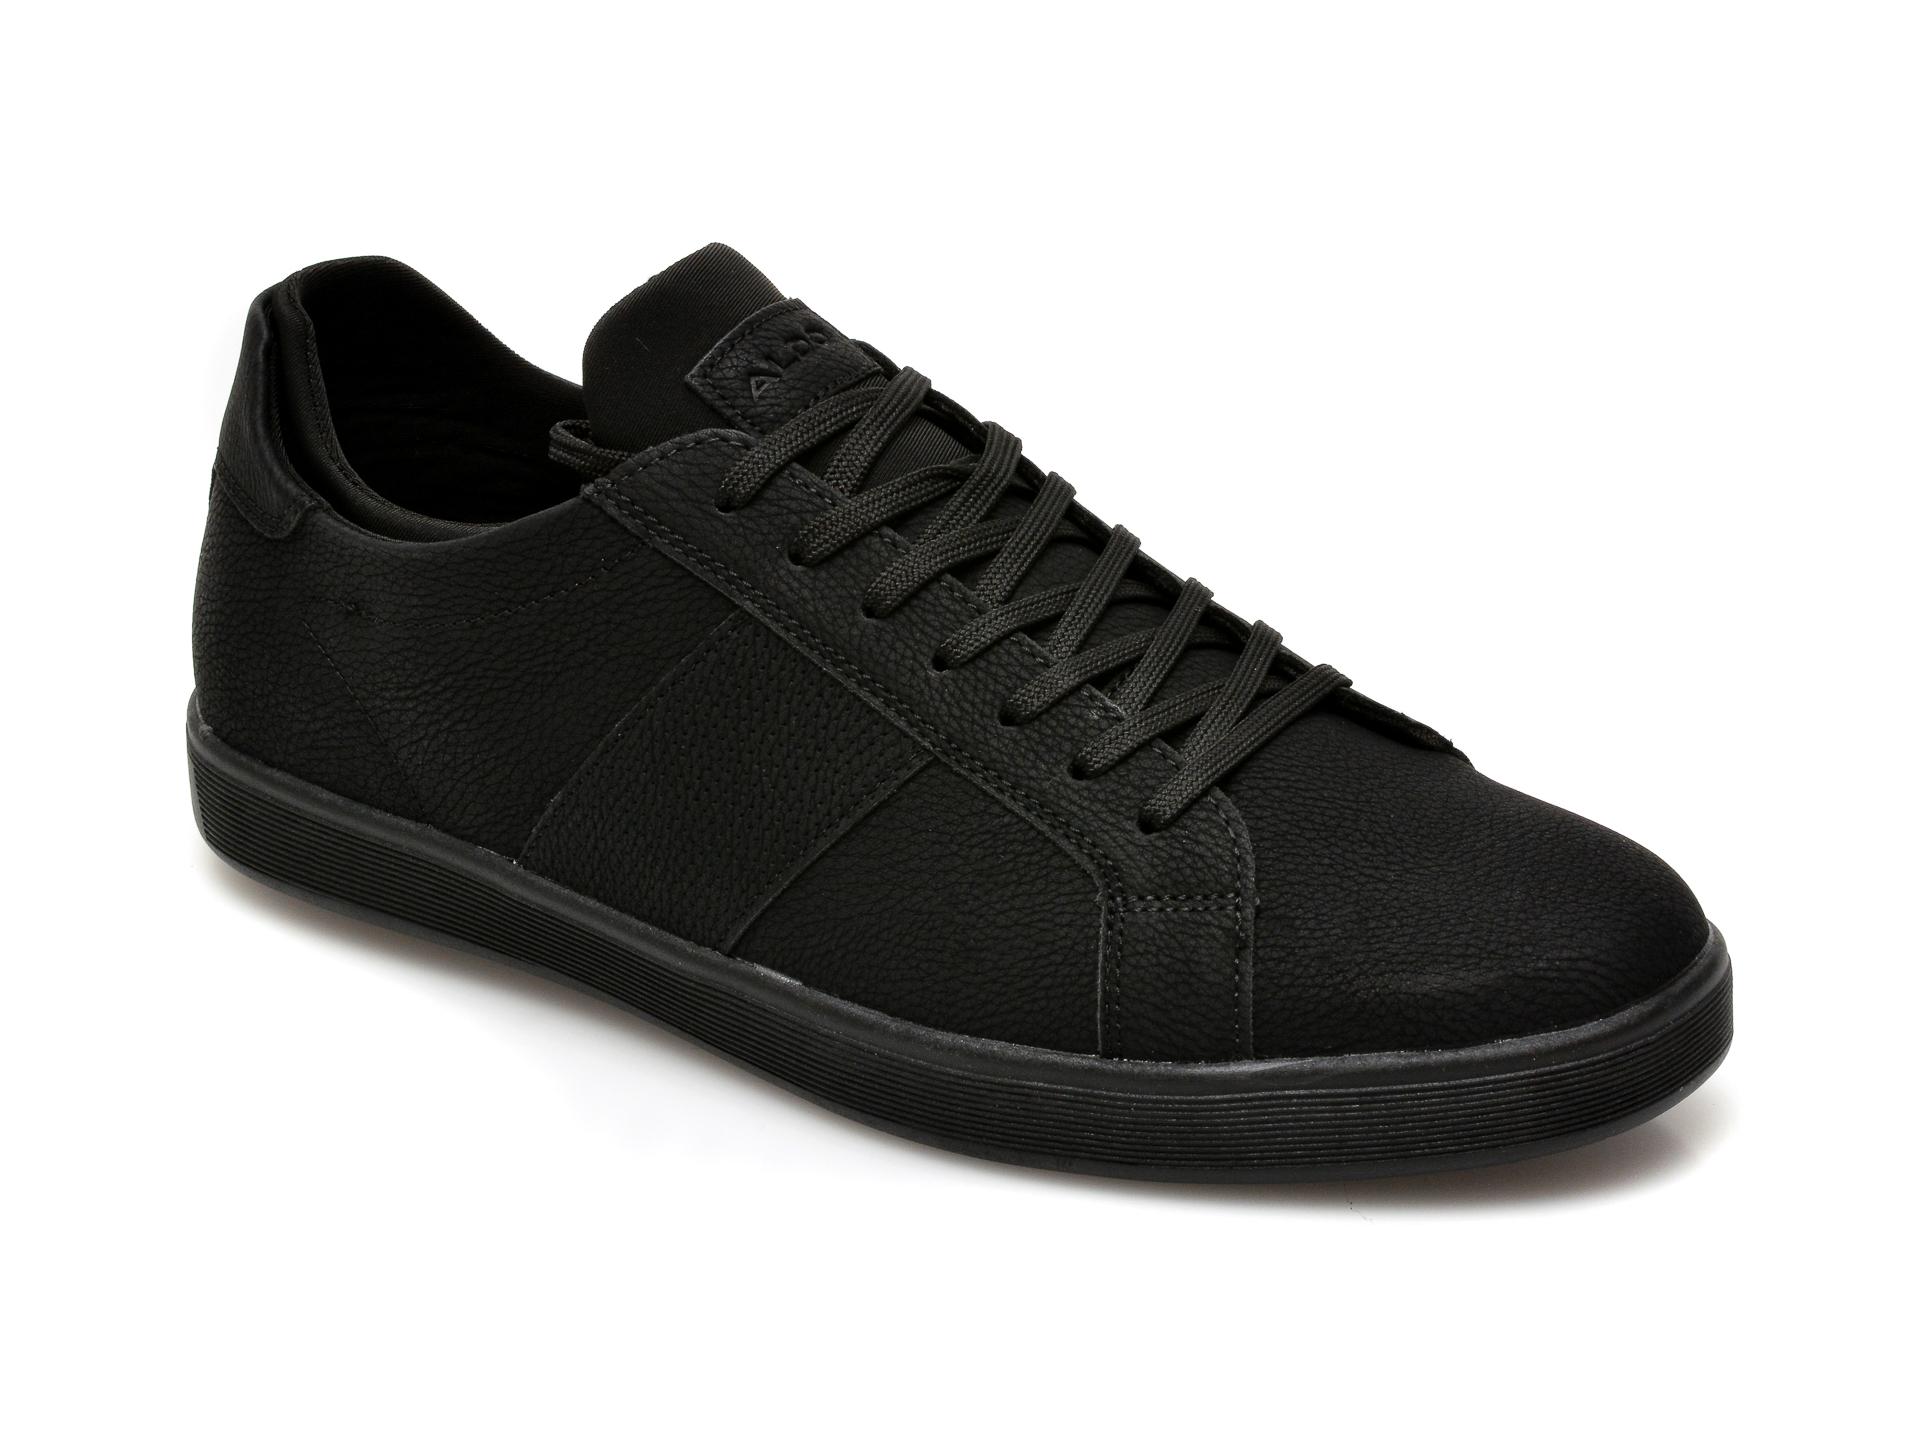 Pantofi ALDO negri, Prayrien001, din piele ecologica imagine